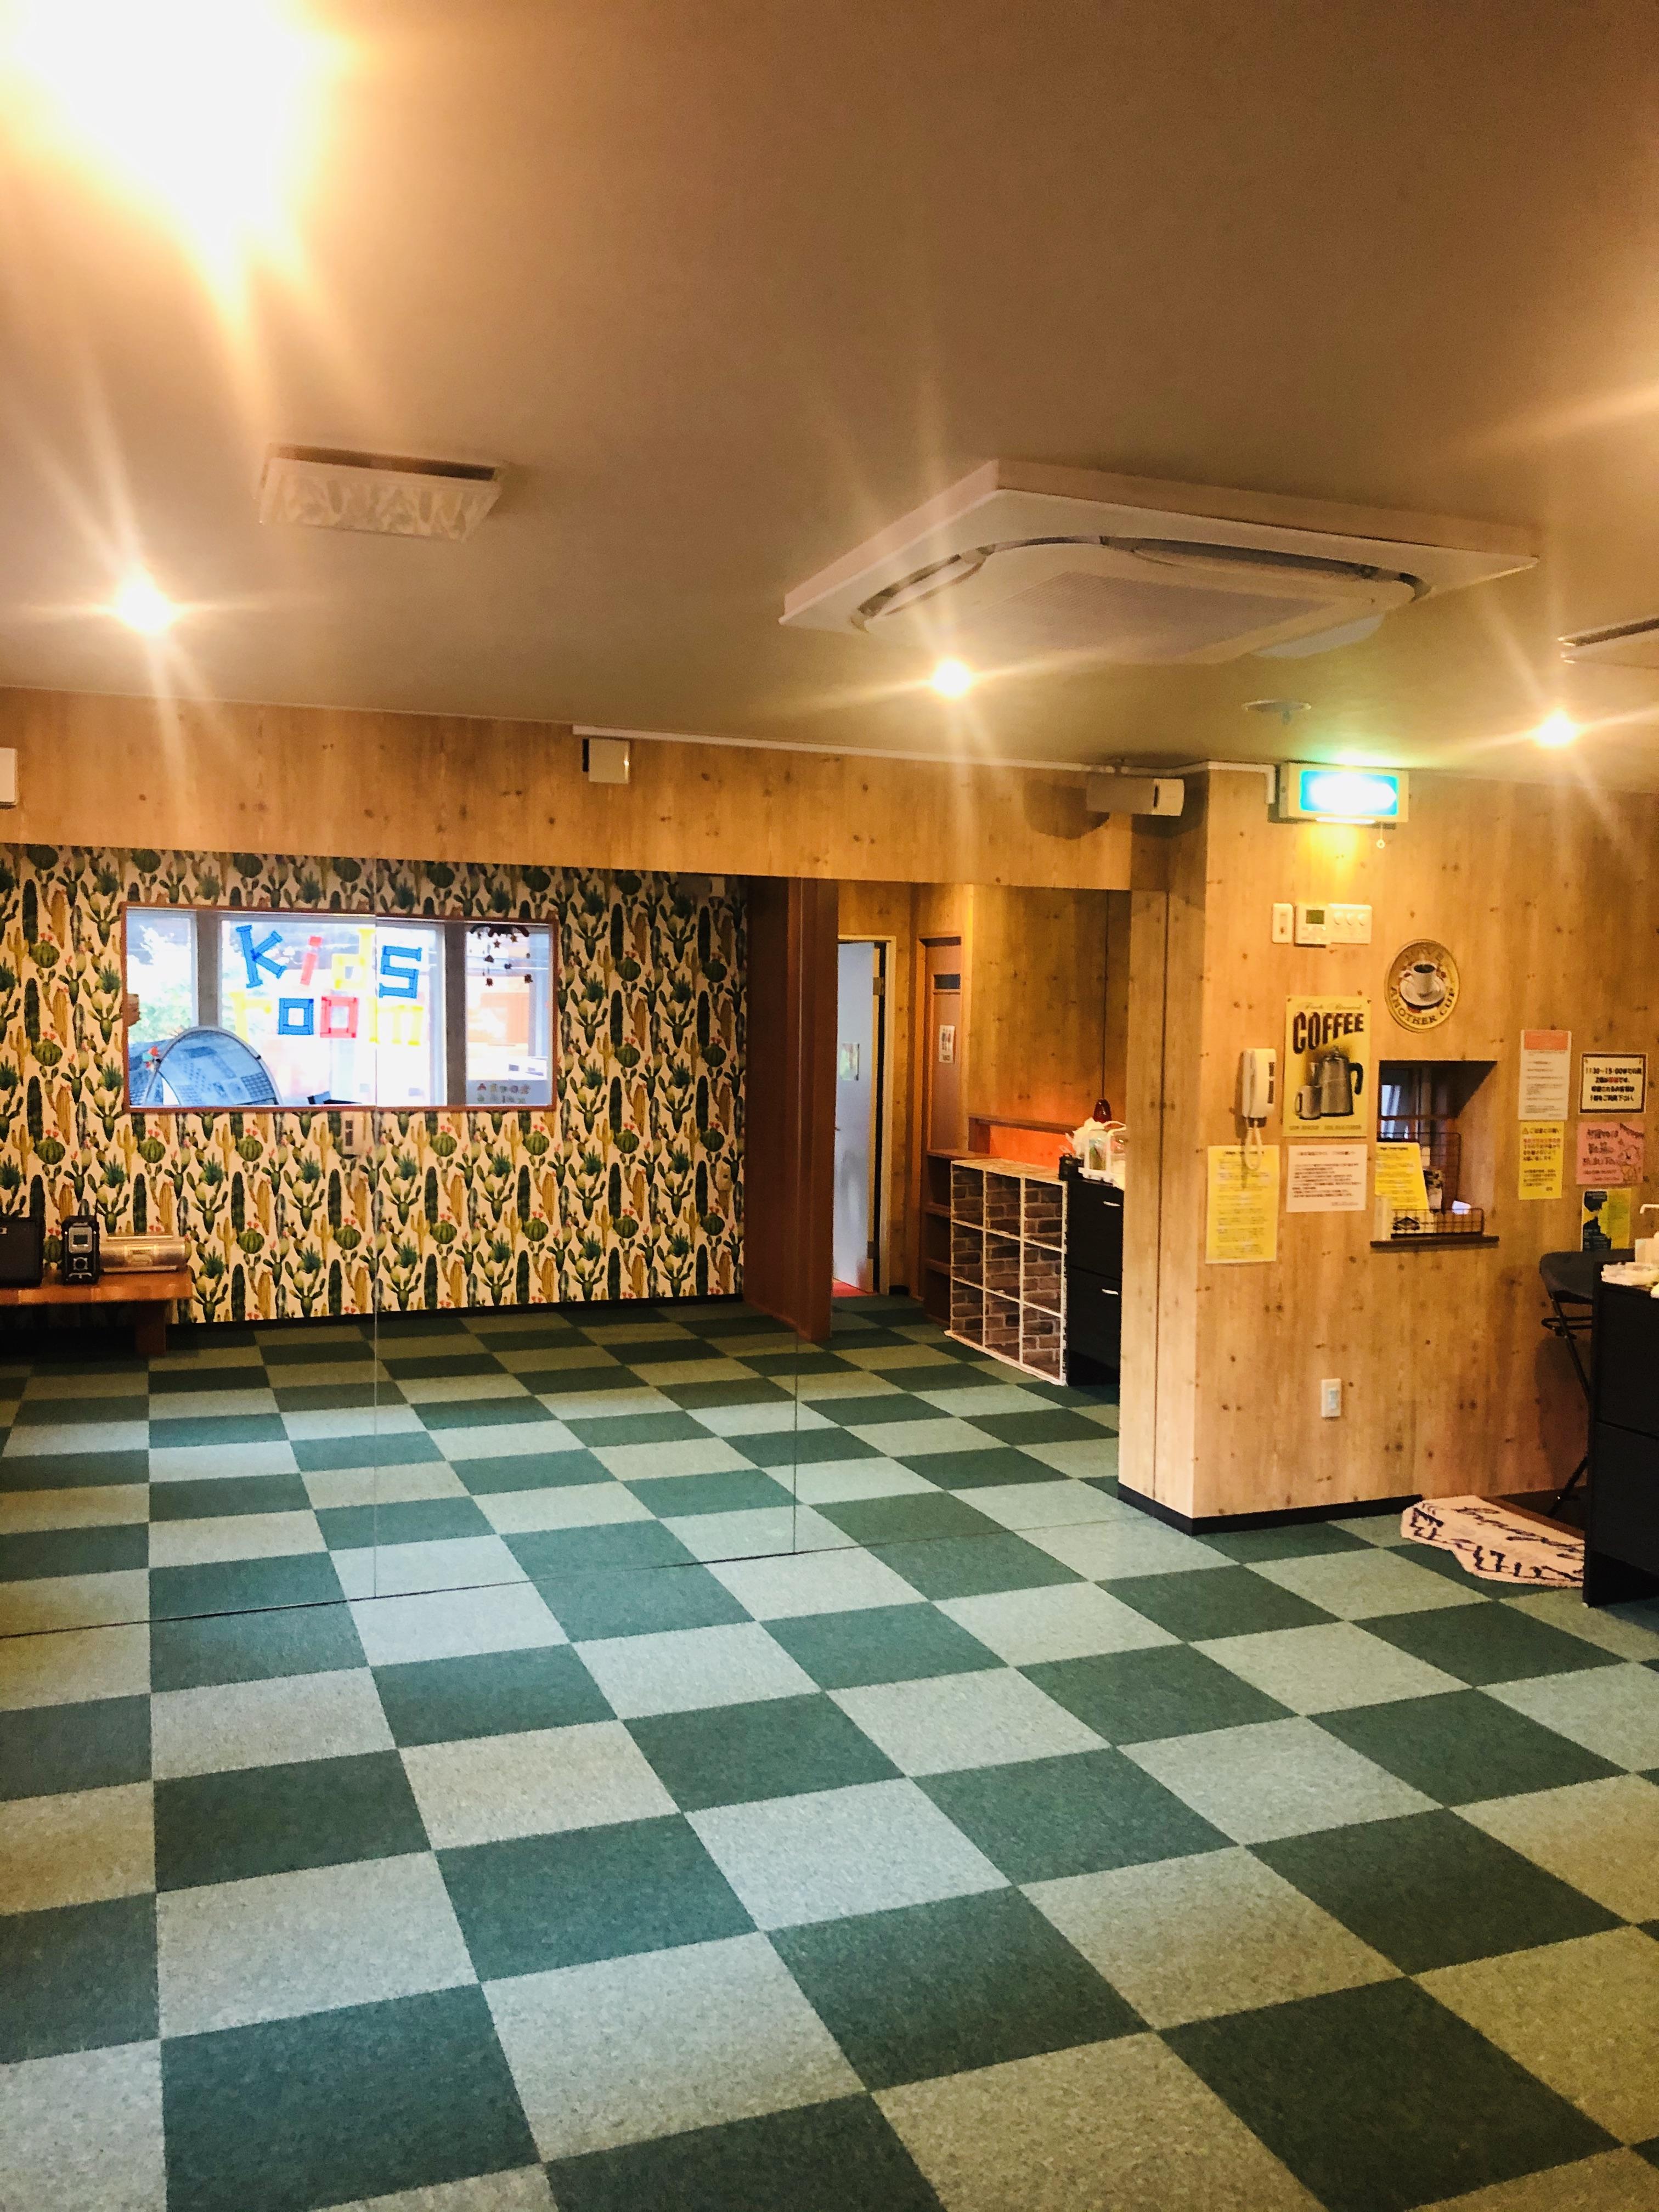 広さ20㎡。鏡大きさ2000×3660cm。ダンスやヨガのスタジオとしても♪ - Emon's chouchou イベントスペース、ダンススタジオの室内の写真